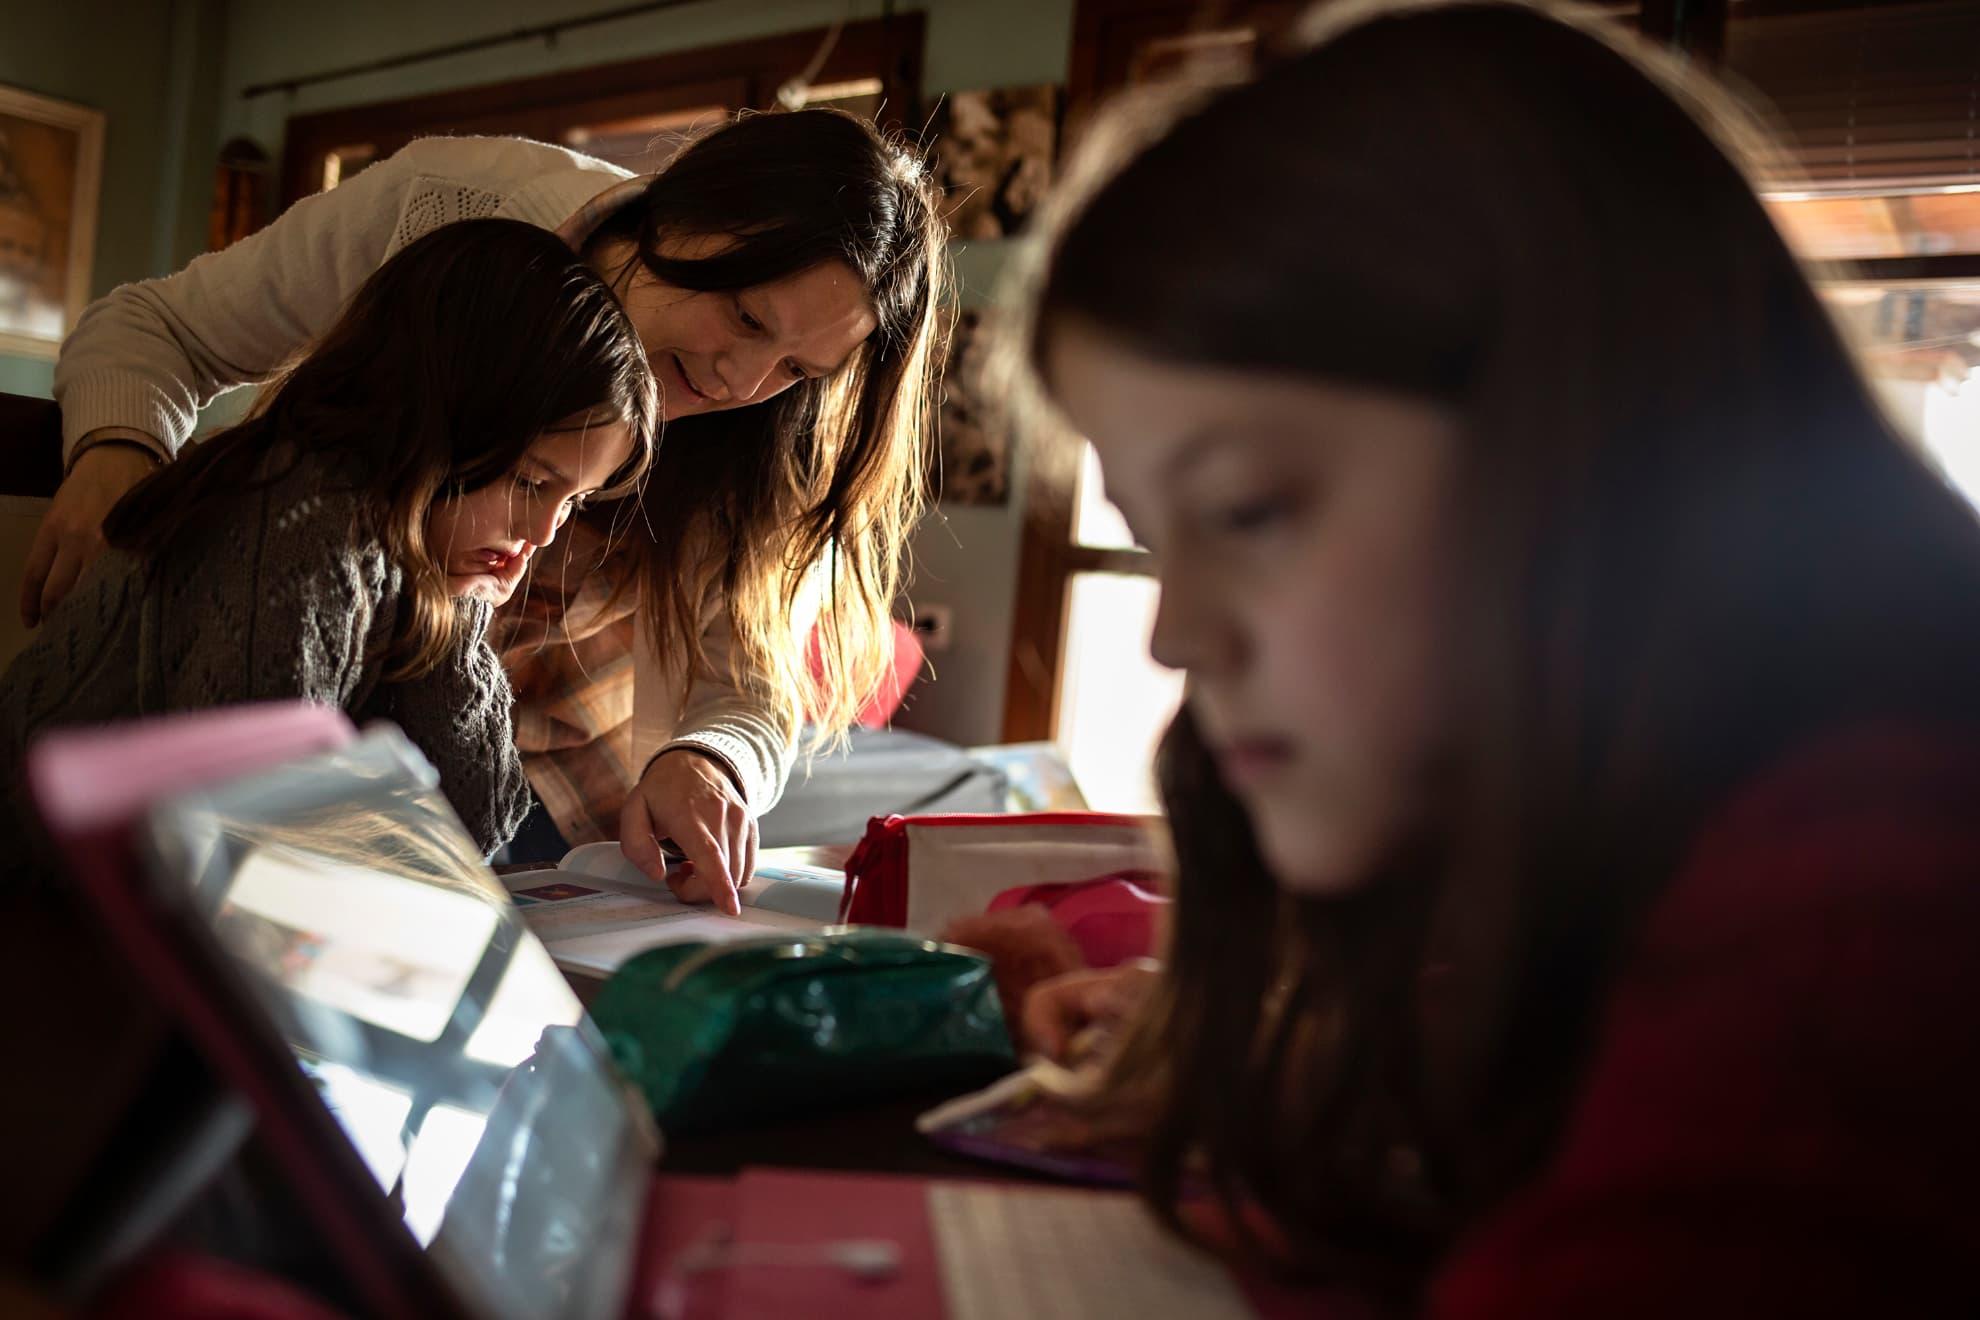 El Gobierno de España acaba de anunciar que los niños no volverán al colegio hasta septiembre debido a la crisis sanitaria del COVID-19. Sáhara (10 años) y Kelthum (7 años) estudian en su casa de la pequeña localidad de Jabuguillo (Huelva). En estos entornos rurales, se han podido seguir las clases online con toda normalidad. Allí se conectan diariamente con sus profesores/as a través de la tablet y realizan las tareas diarias. Luego tienen la suerte de poder disfrutar del campo. Su madre Loli es periodista y de momento está teletrabajando en casa. Toda la familia comparte la misma mesa: mientras las niñas estudian, los padres teletrabajan y, además, ayudan a las niñas cuando surgen las dudas en las materias a estudiar. Es el nuevo paisaje de las casas, reconvertidas en escuelas y centros de trabajo simultáneamente.